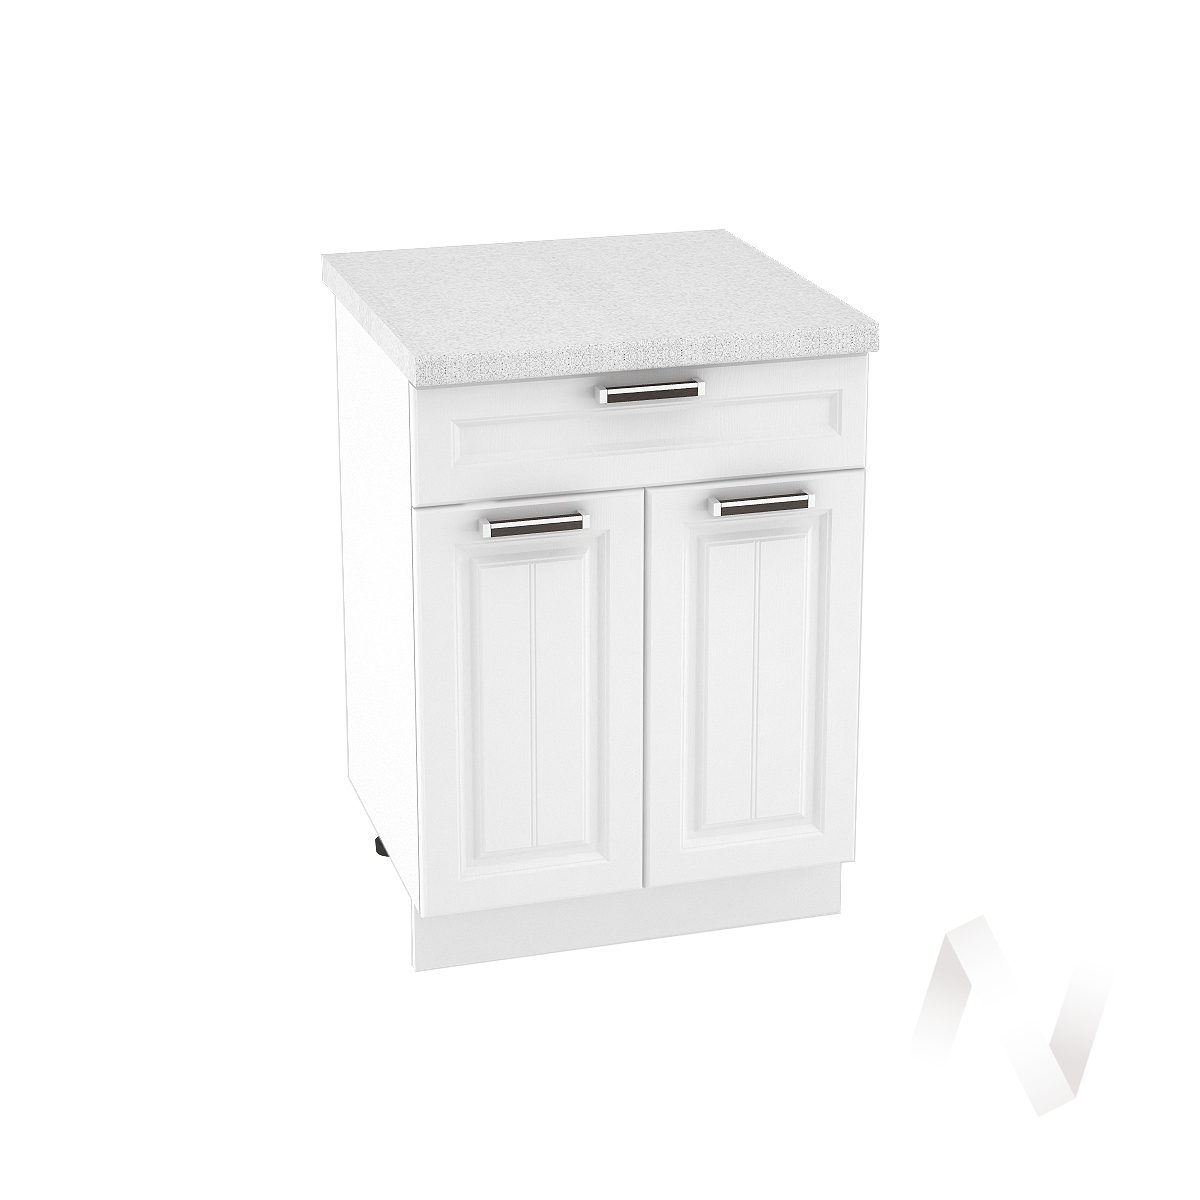 """Кухня """"Прага"""": Шкаф нижний с ящиком 600, ШН1Я 600 М (белое дерево/корпус белый)"""